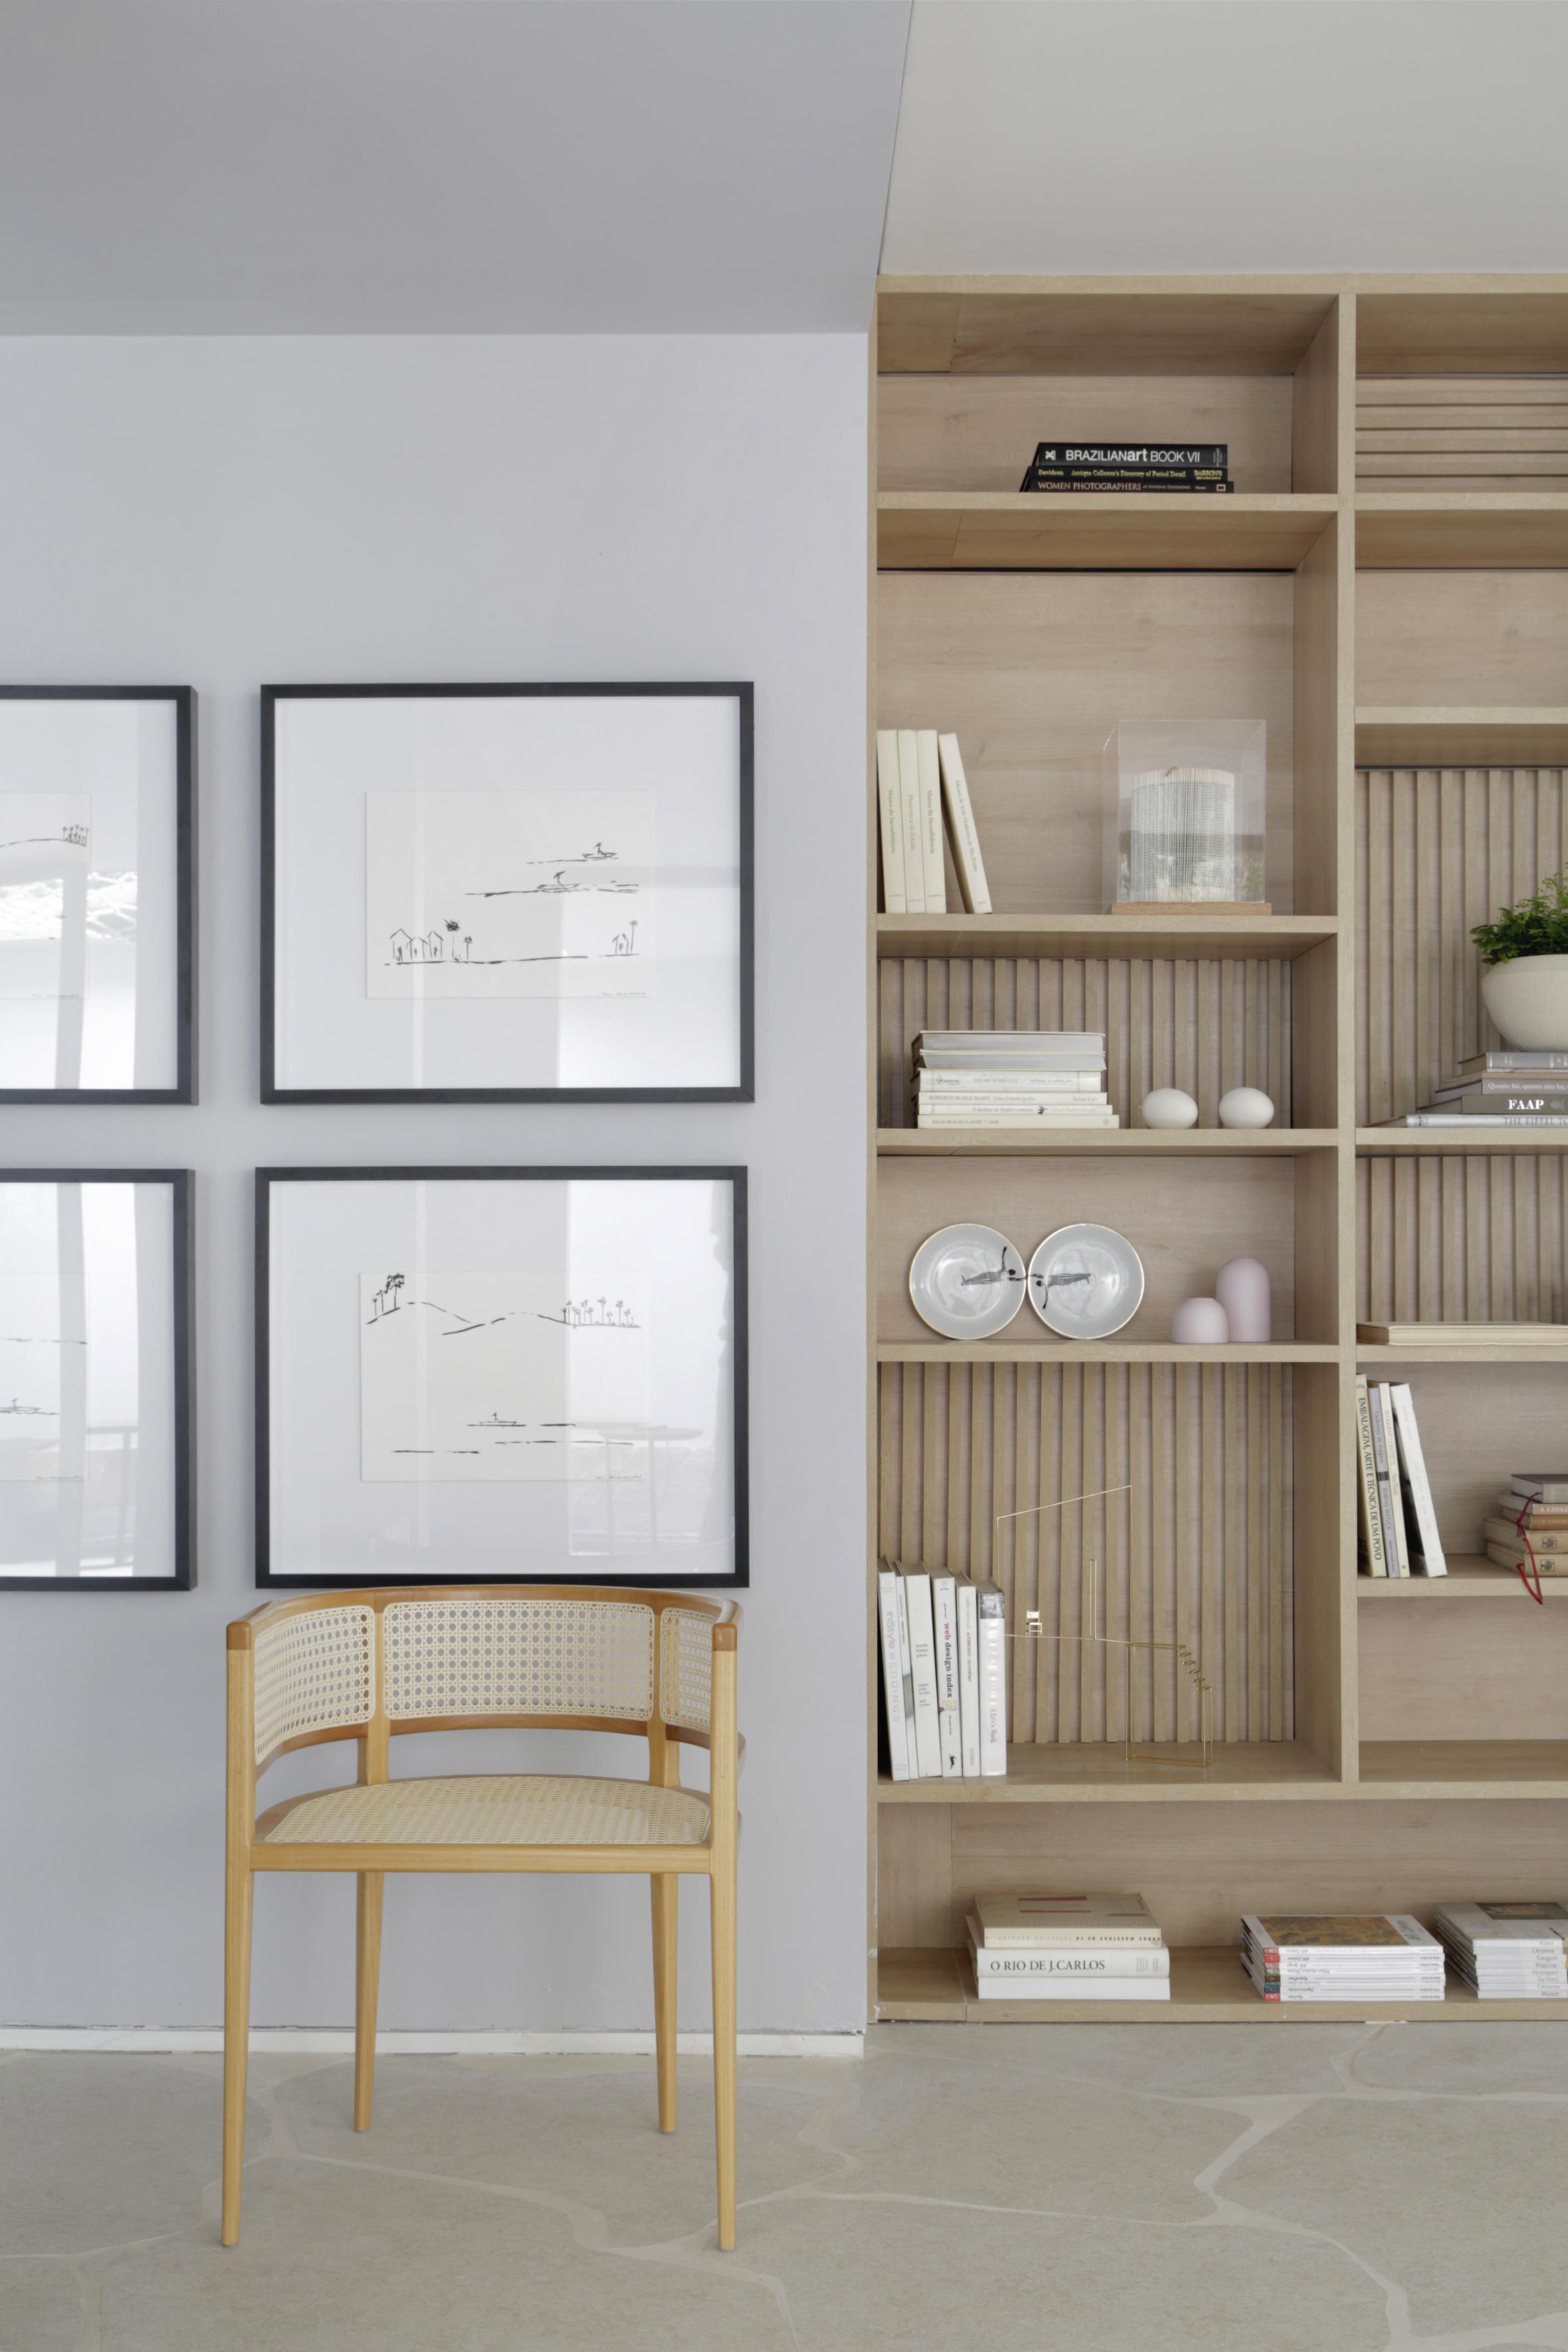 Casa Conecta: Ticiane Lima, CASACOR SP 2019. uma enorme estante nichada que cobre a parede inteira, e exibe a tonalidade natural da madeira clara, piso em formato de rocha, quadros na parede e uma cadeira clássica de madeira em tom claro.